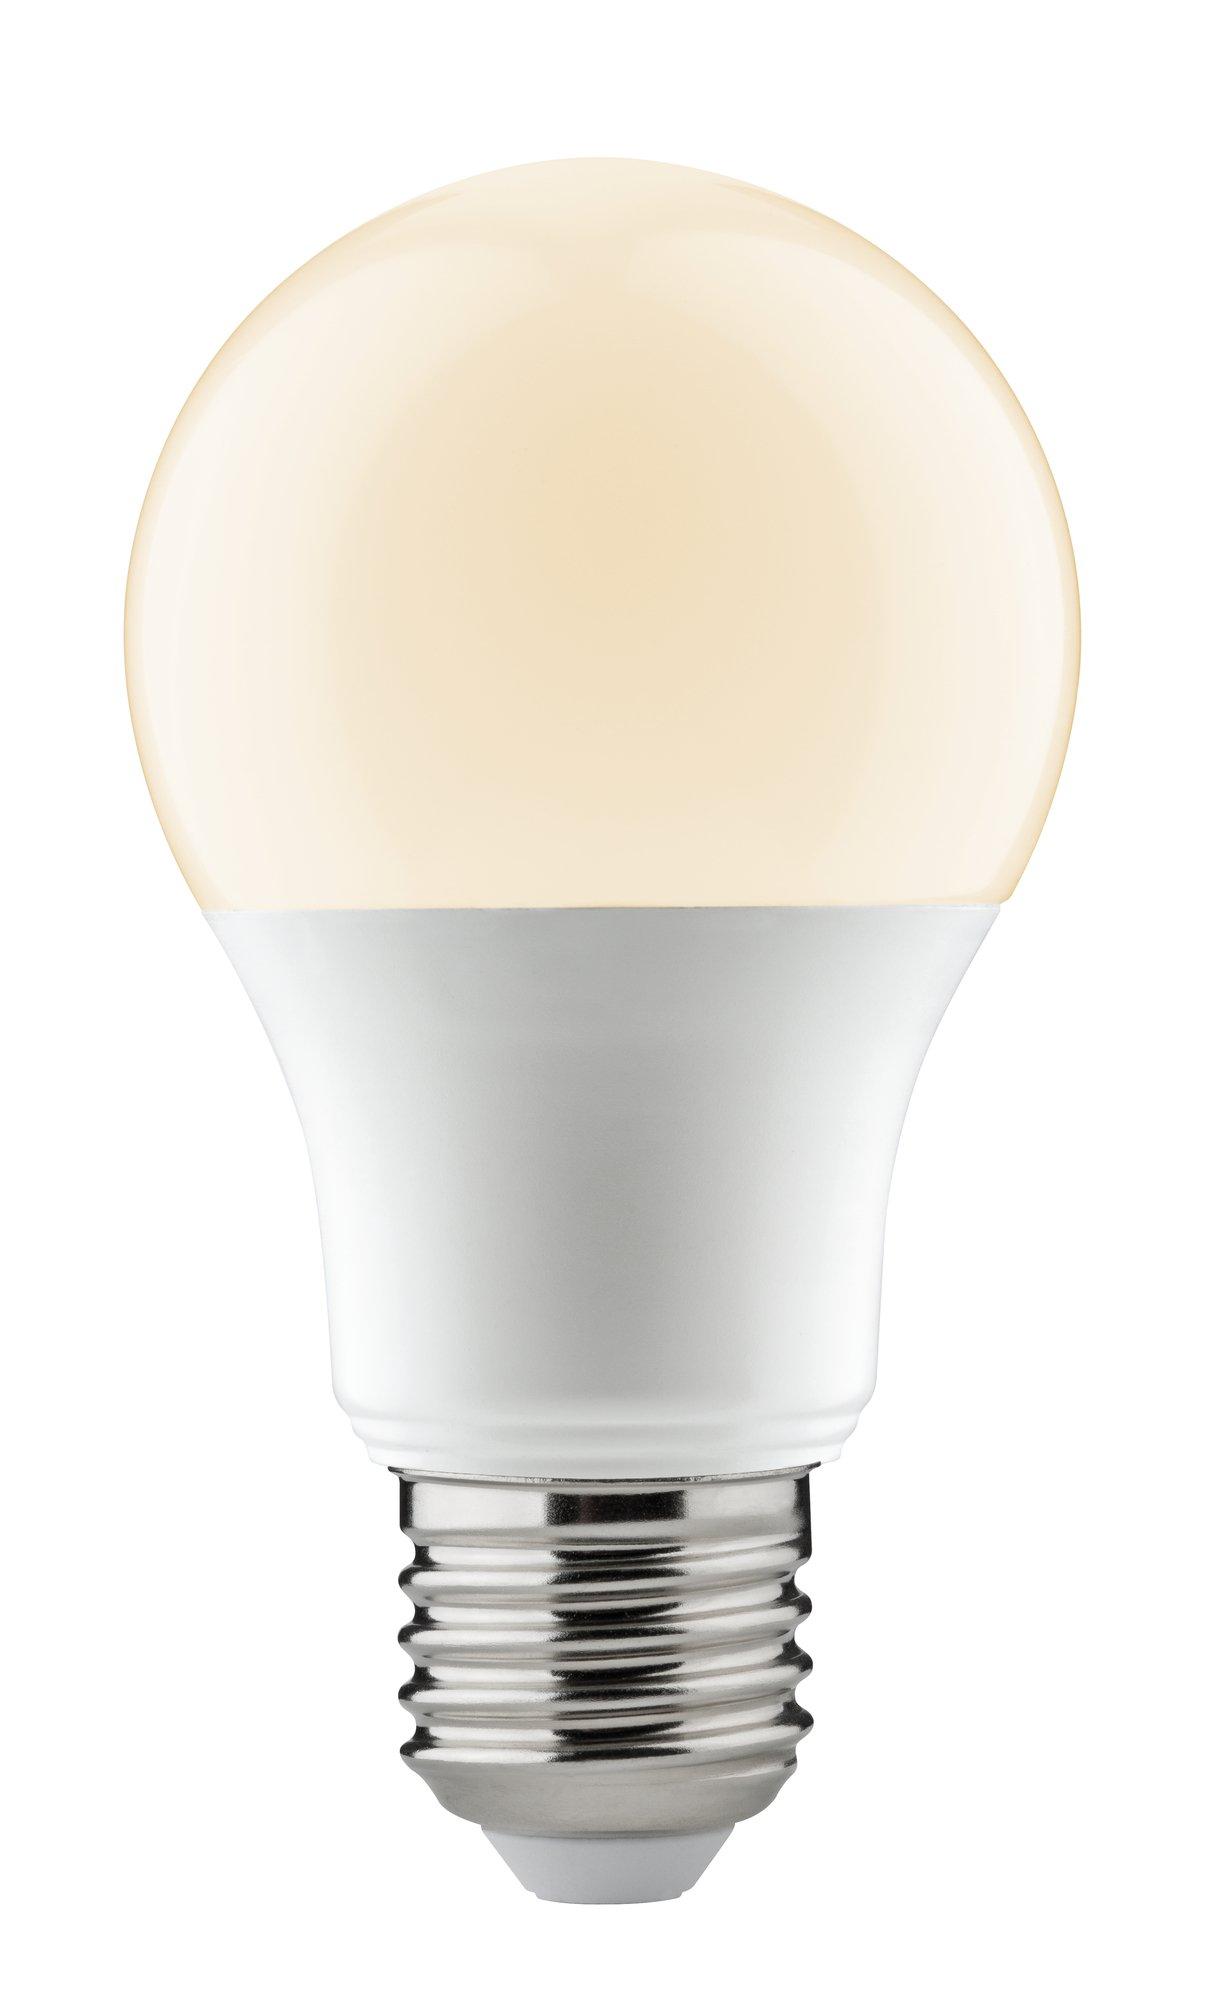 LED AGL Whiteswitch 8,5W E27 mit Steppschaltung für 3 verschiedene Weißtöne